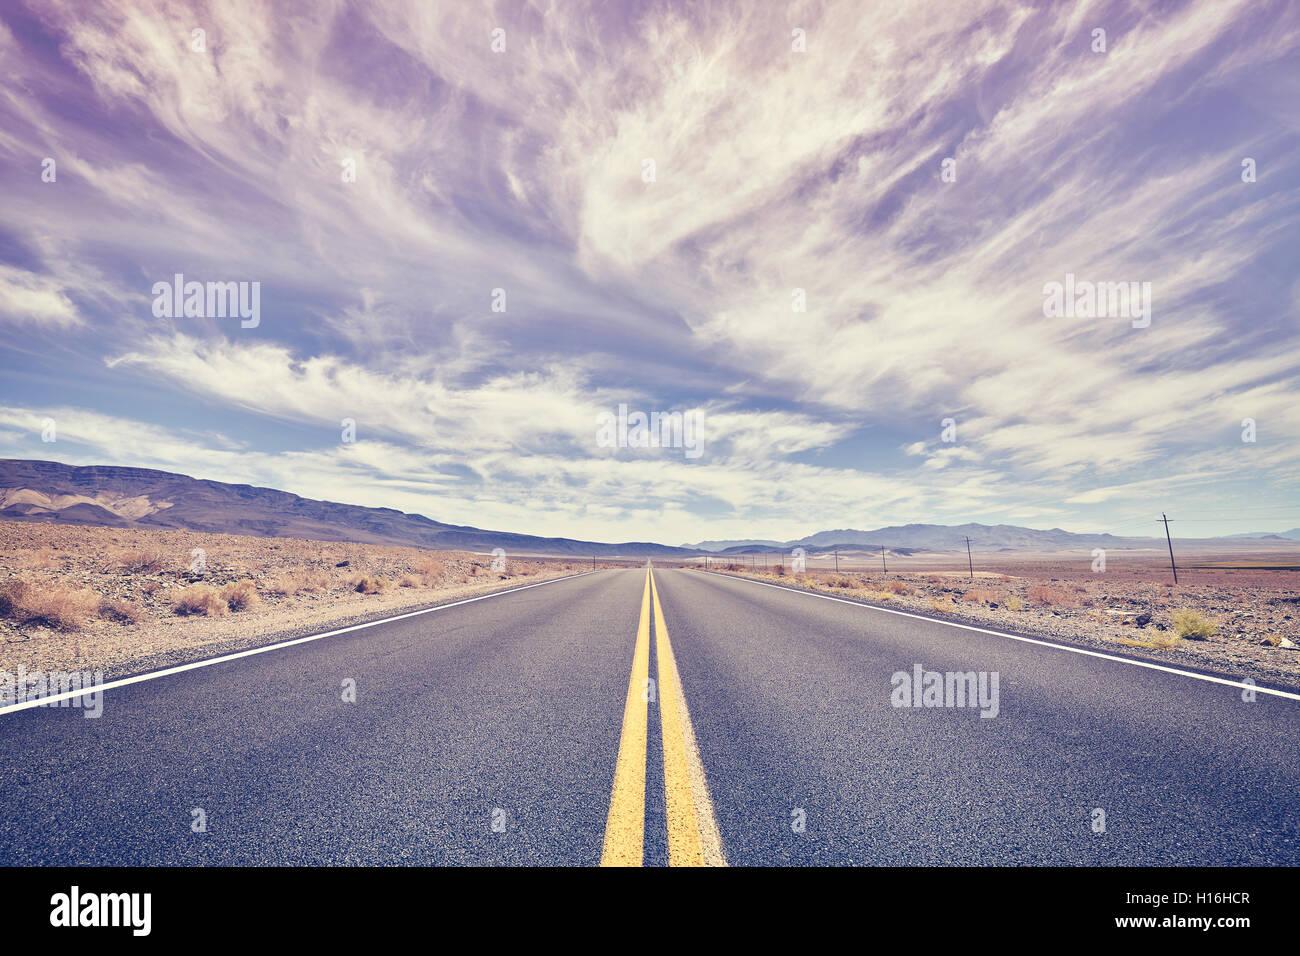 Route du désert sans fin dans la vallée de la mort, le quartz rose et de sérénité aux tons Photo Stock